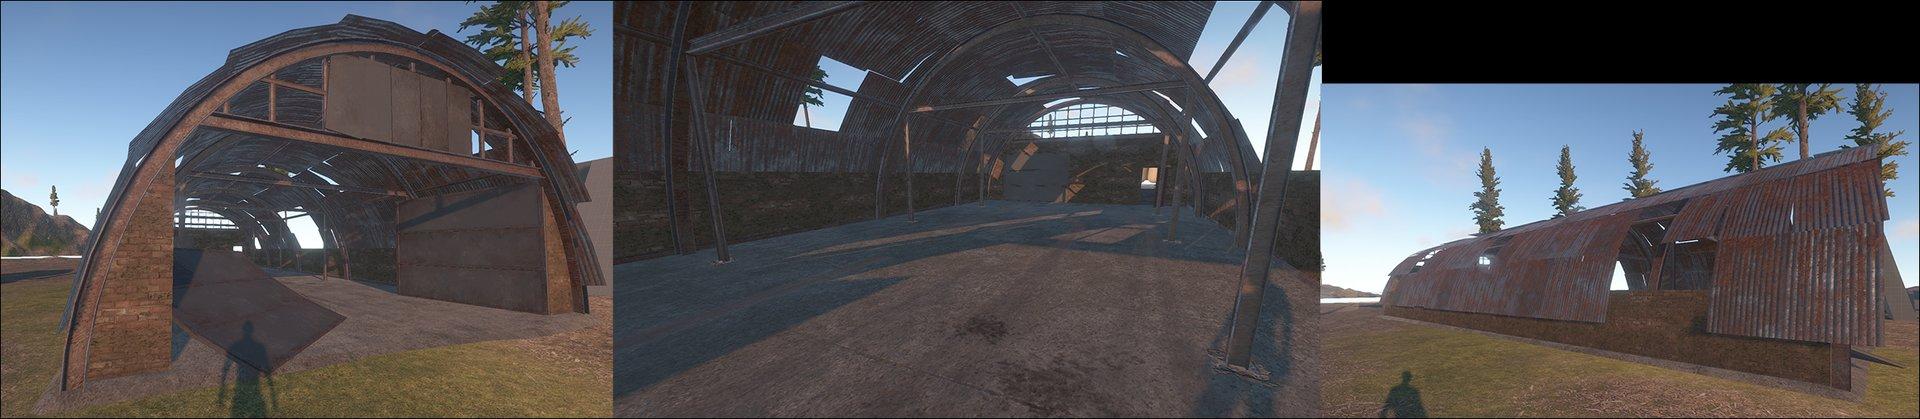 Daniel conroy hangar 1 wip 3